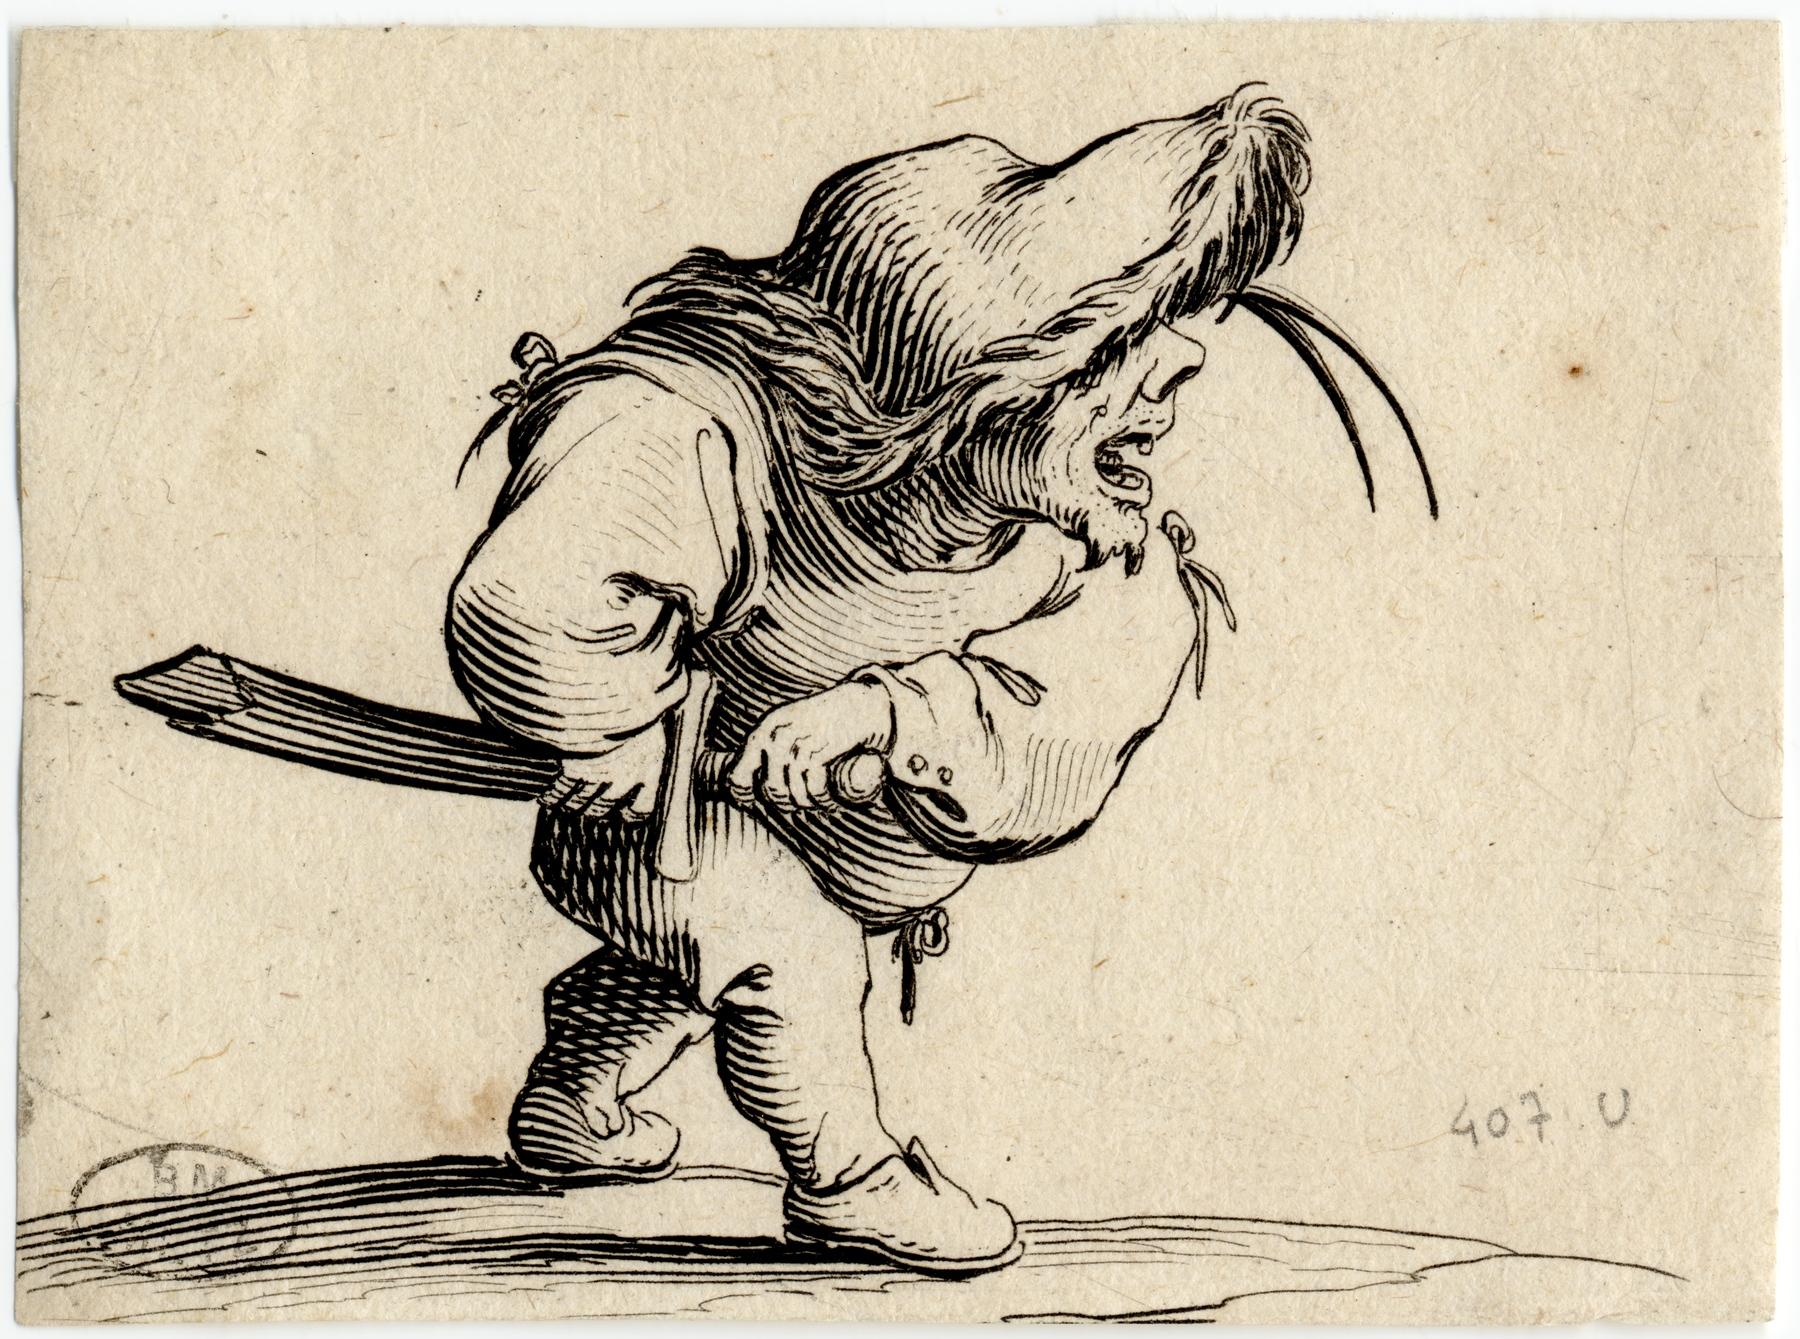 Contenu du Les Gobbi: L'homme s'apprêtant à tirer son sabre